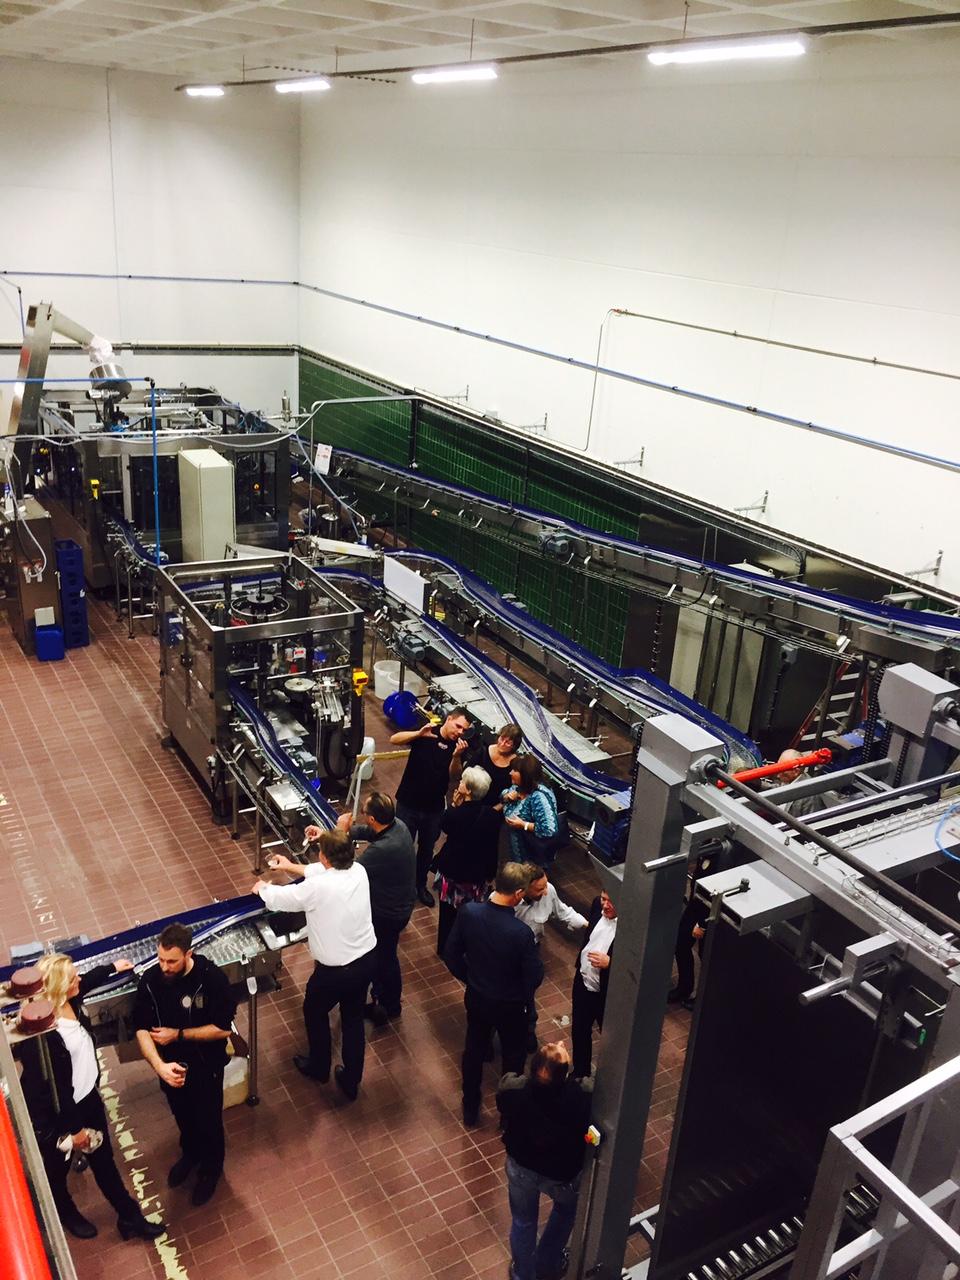 Bryggeriverksamhet igen, i en mindre del av före detta prippsbryggeriet